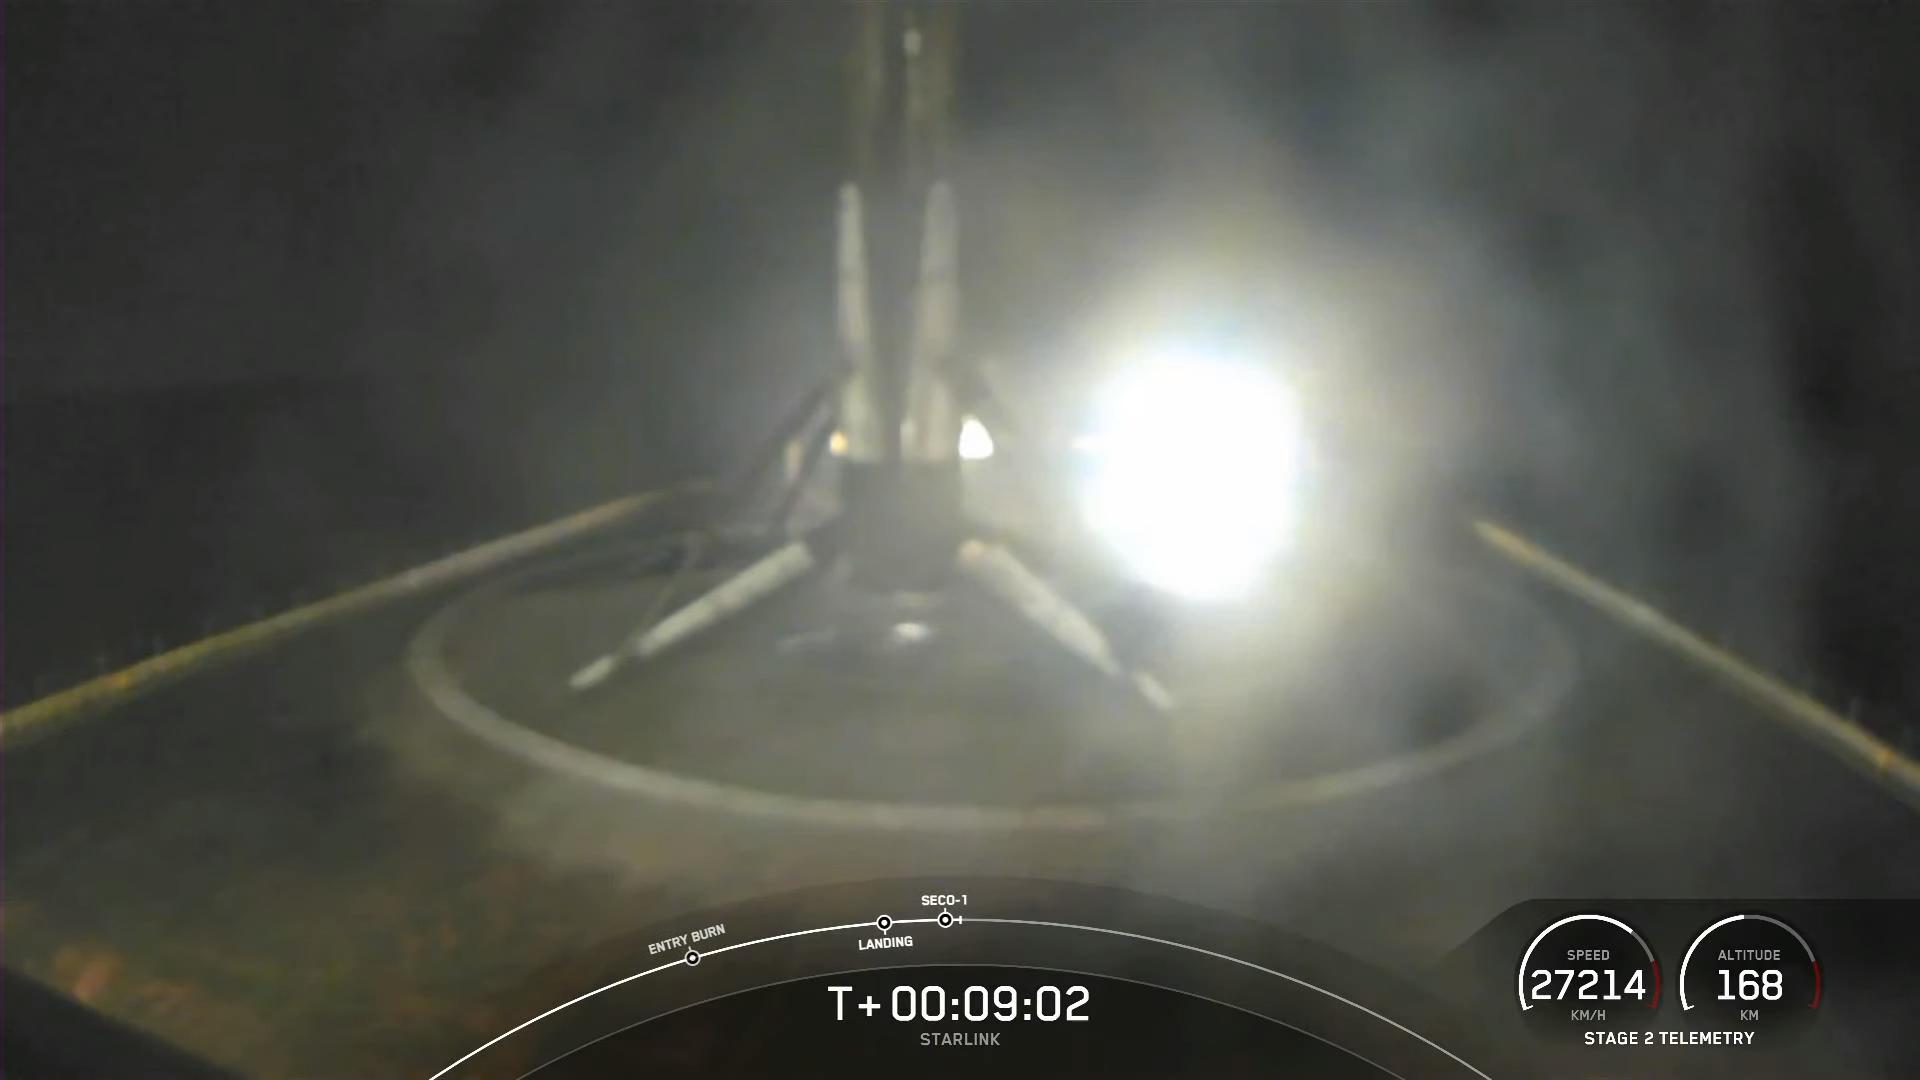 Le booster Falcon 9 a coincé un atterrissage sur le drone